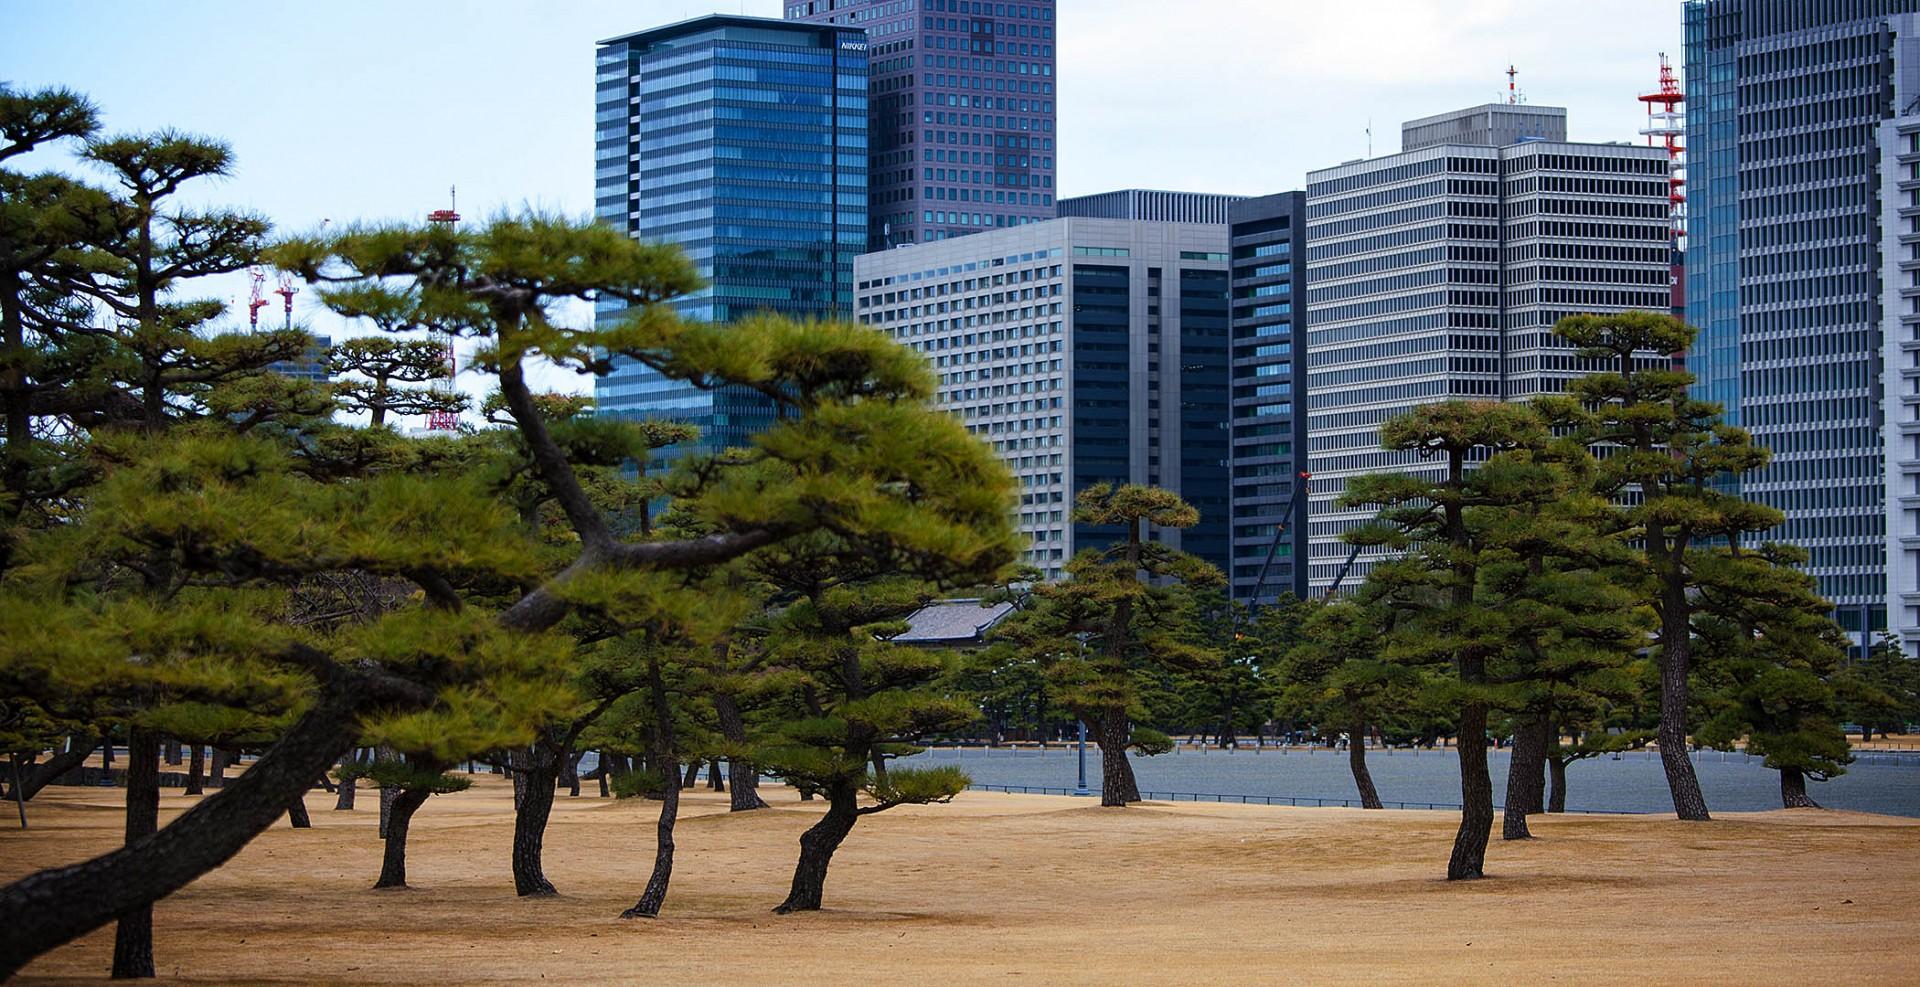 Reportage-Fotograf-in-Paris-Reportage-Fotografie-von-Tokio